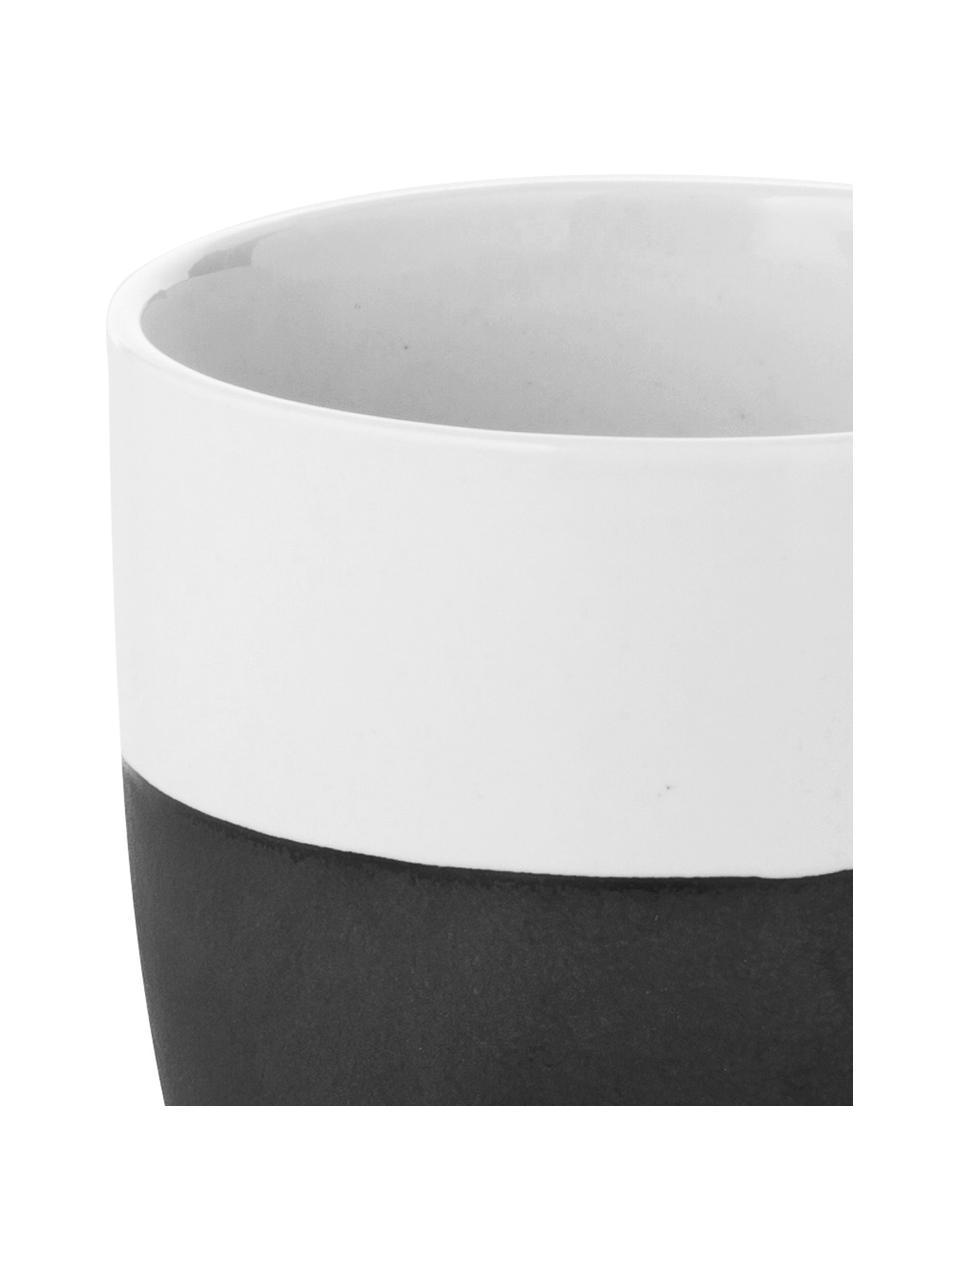 Ręcznie wykonany kubek Esrum, 4 szt., Odcienie kości słoniowej, szarobrązowy, Ø 8 x W 10 cm